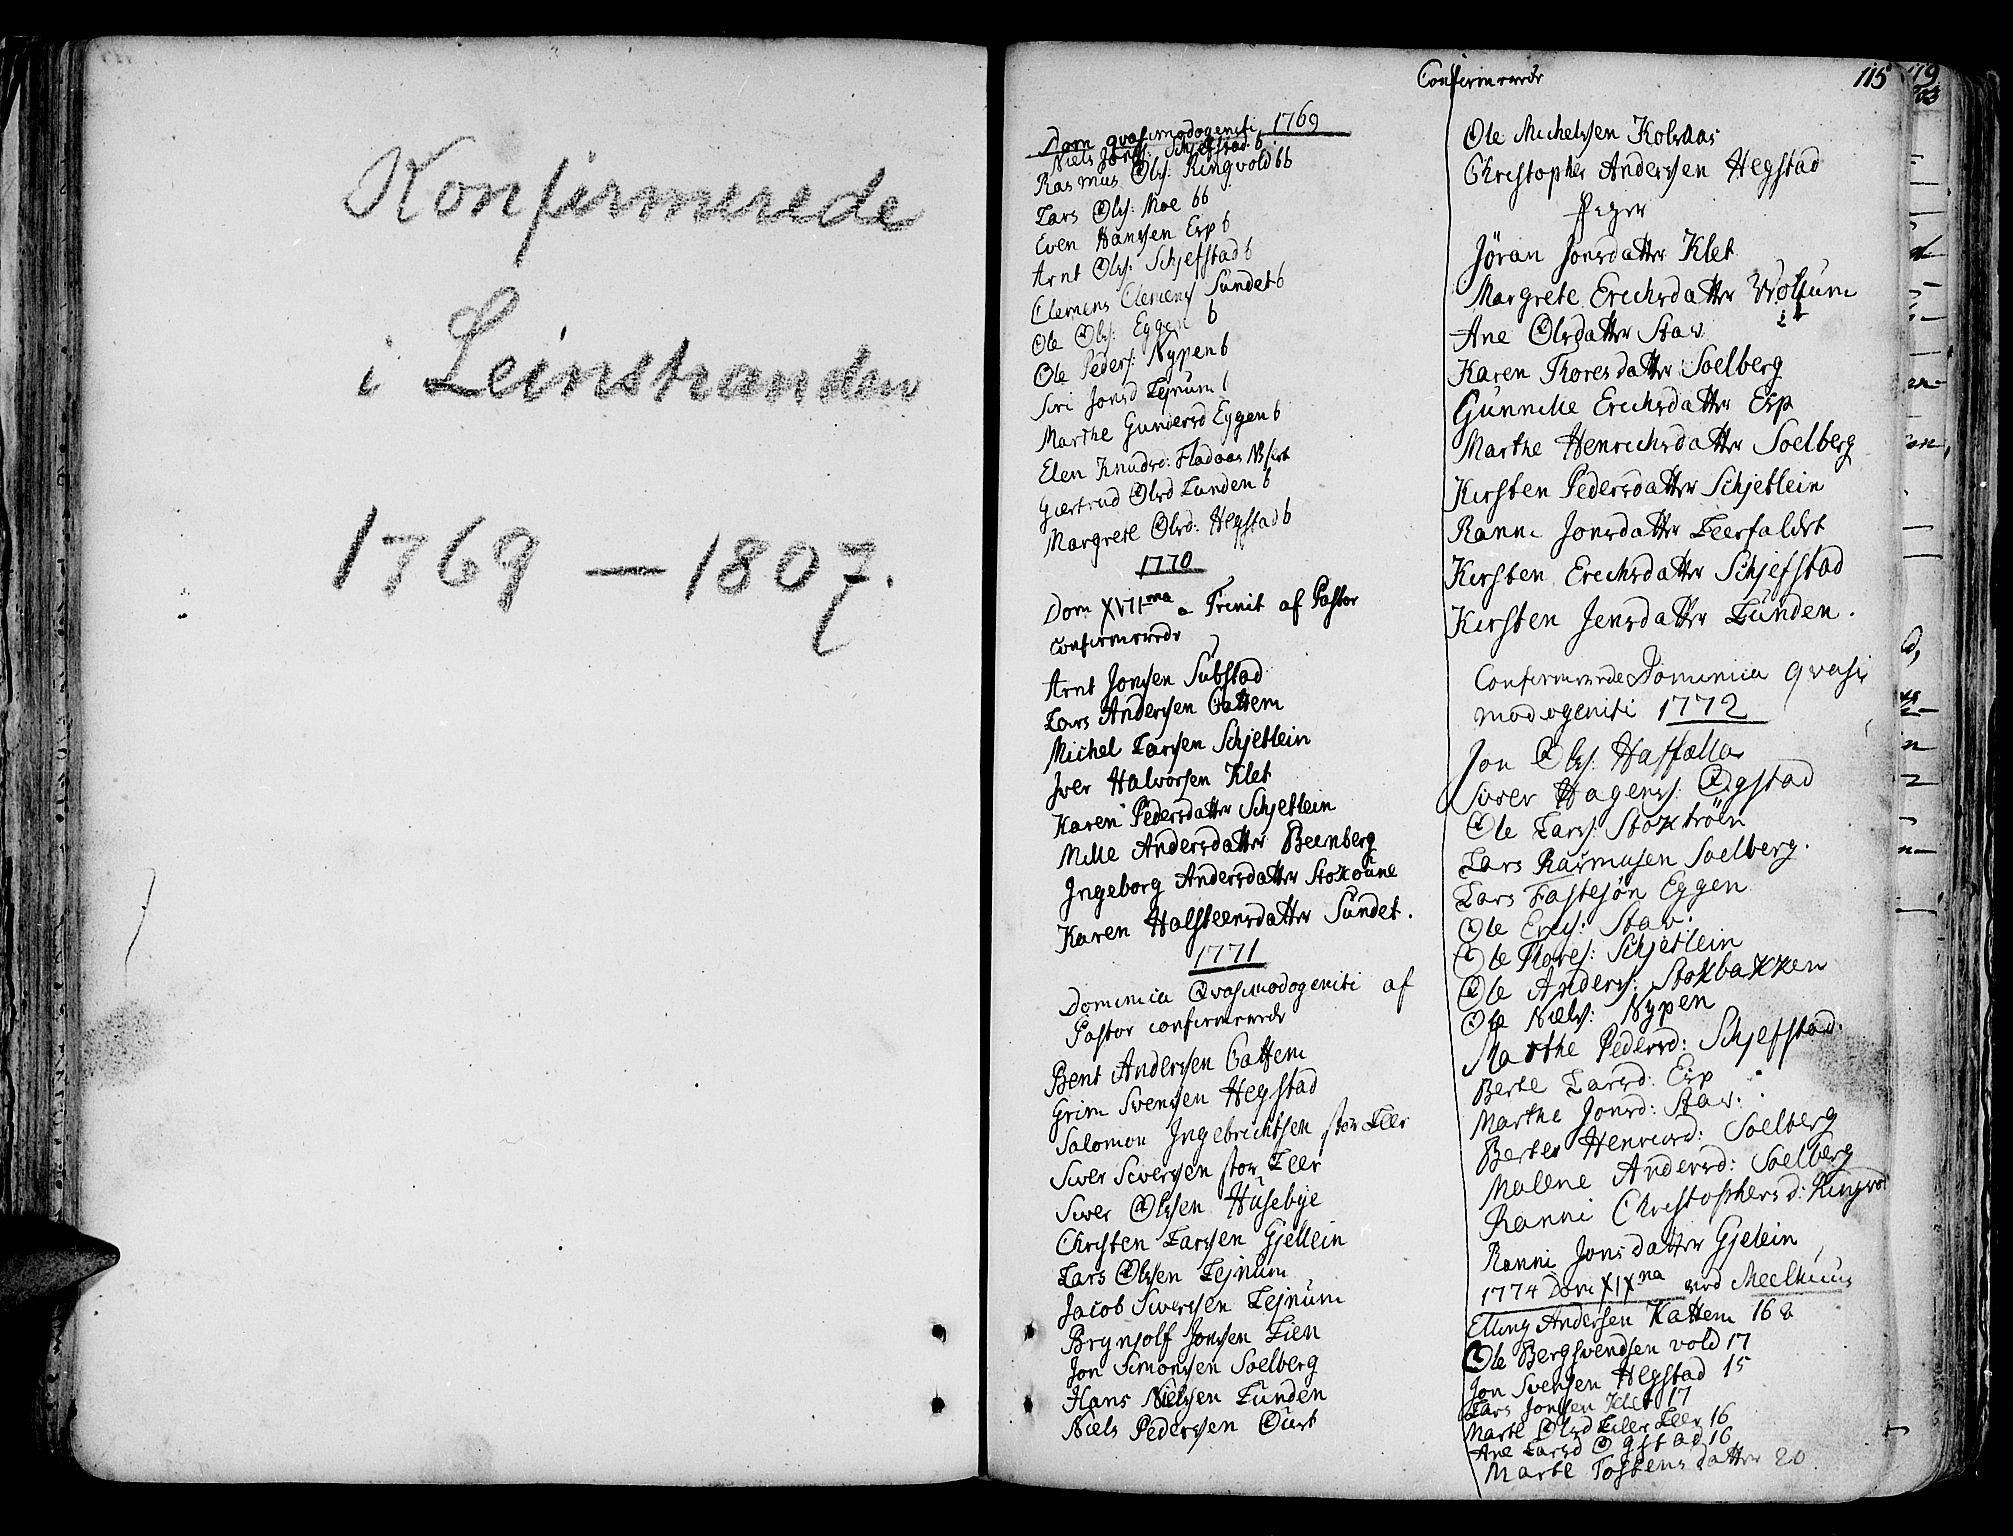 SAT, Ministerialprotokoller, klokkerbøker og fødselsregistre - Sør-Trøndelag, 691/L1063: Ministerialbok nr. 691A02 /3, 1768-1815, s. 115